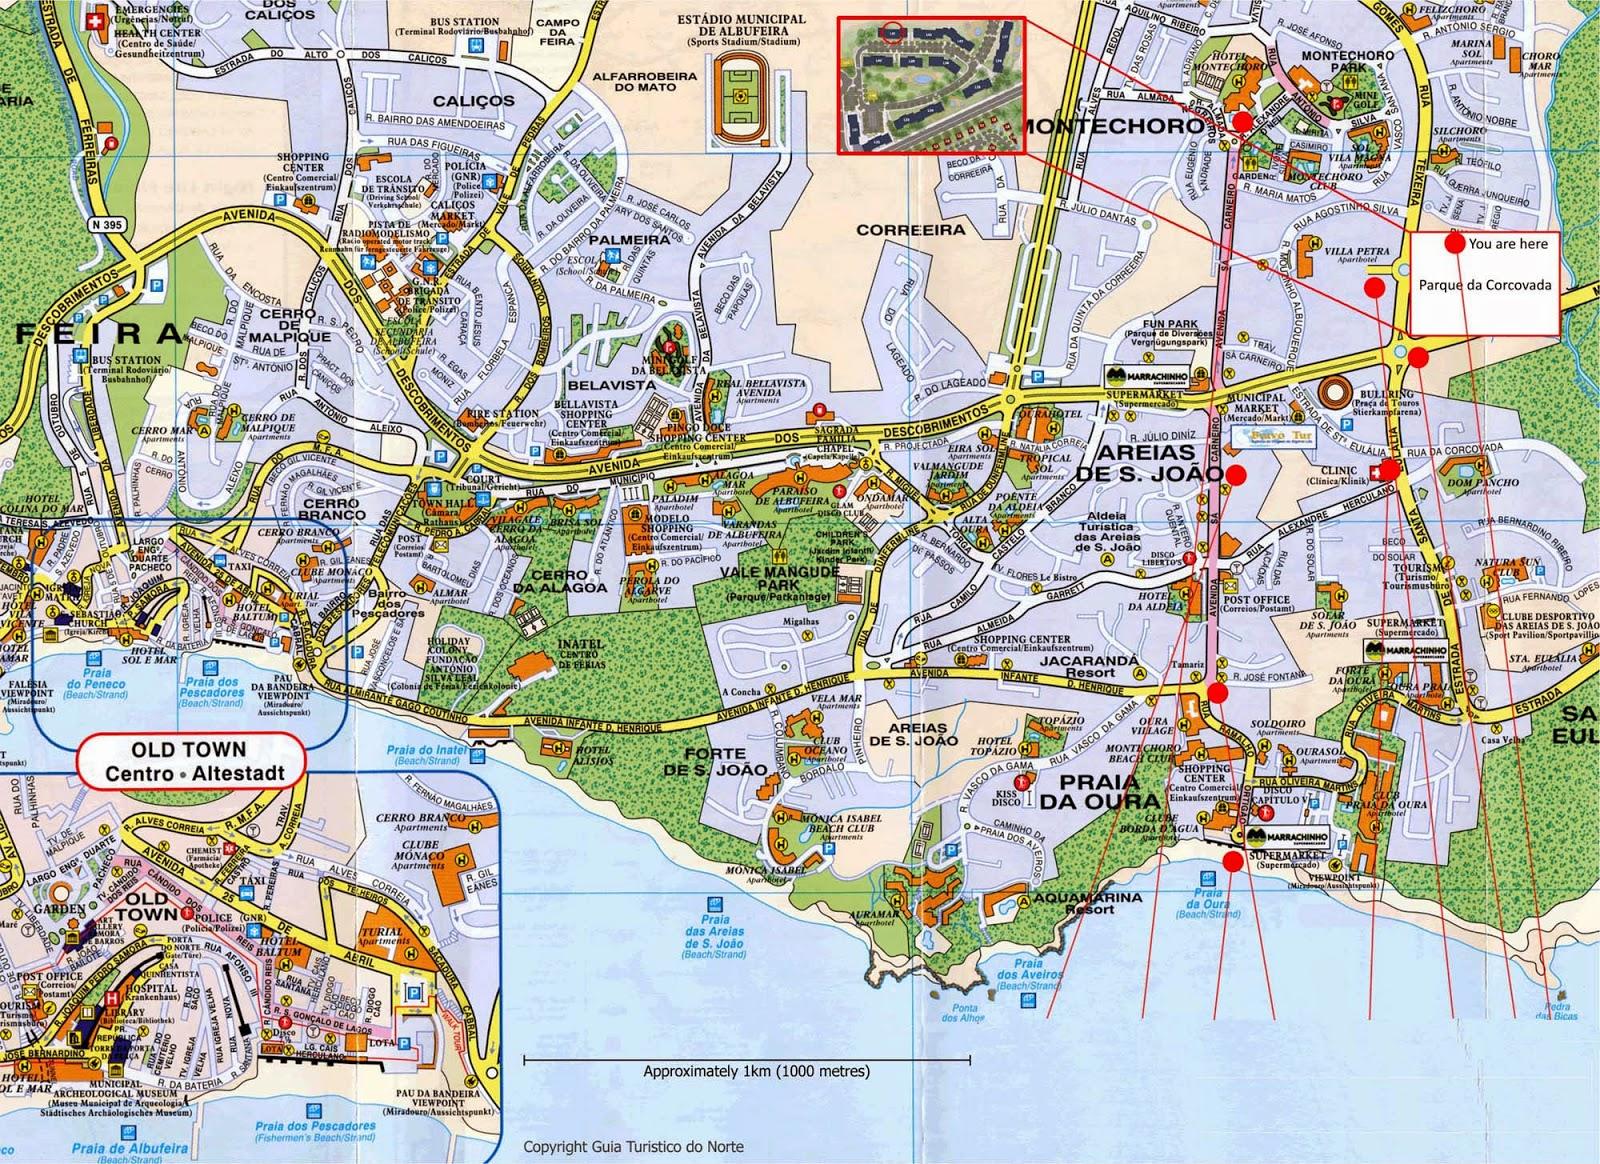 mapa turistico do algarve Mapas de Albufeira   Portugal | MapasBlog mapa turistico do algarve